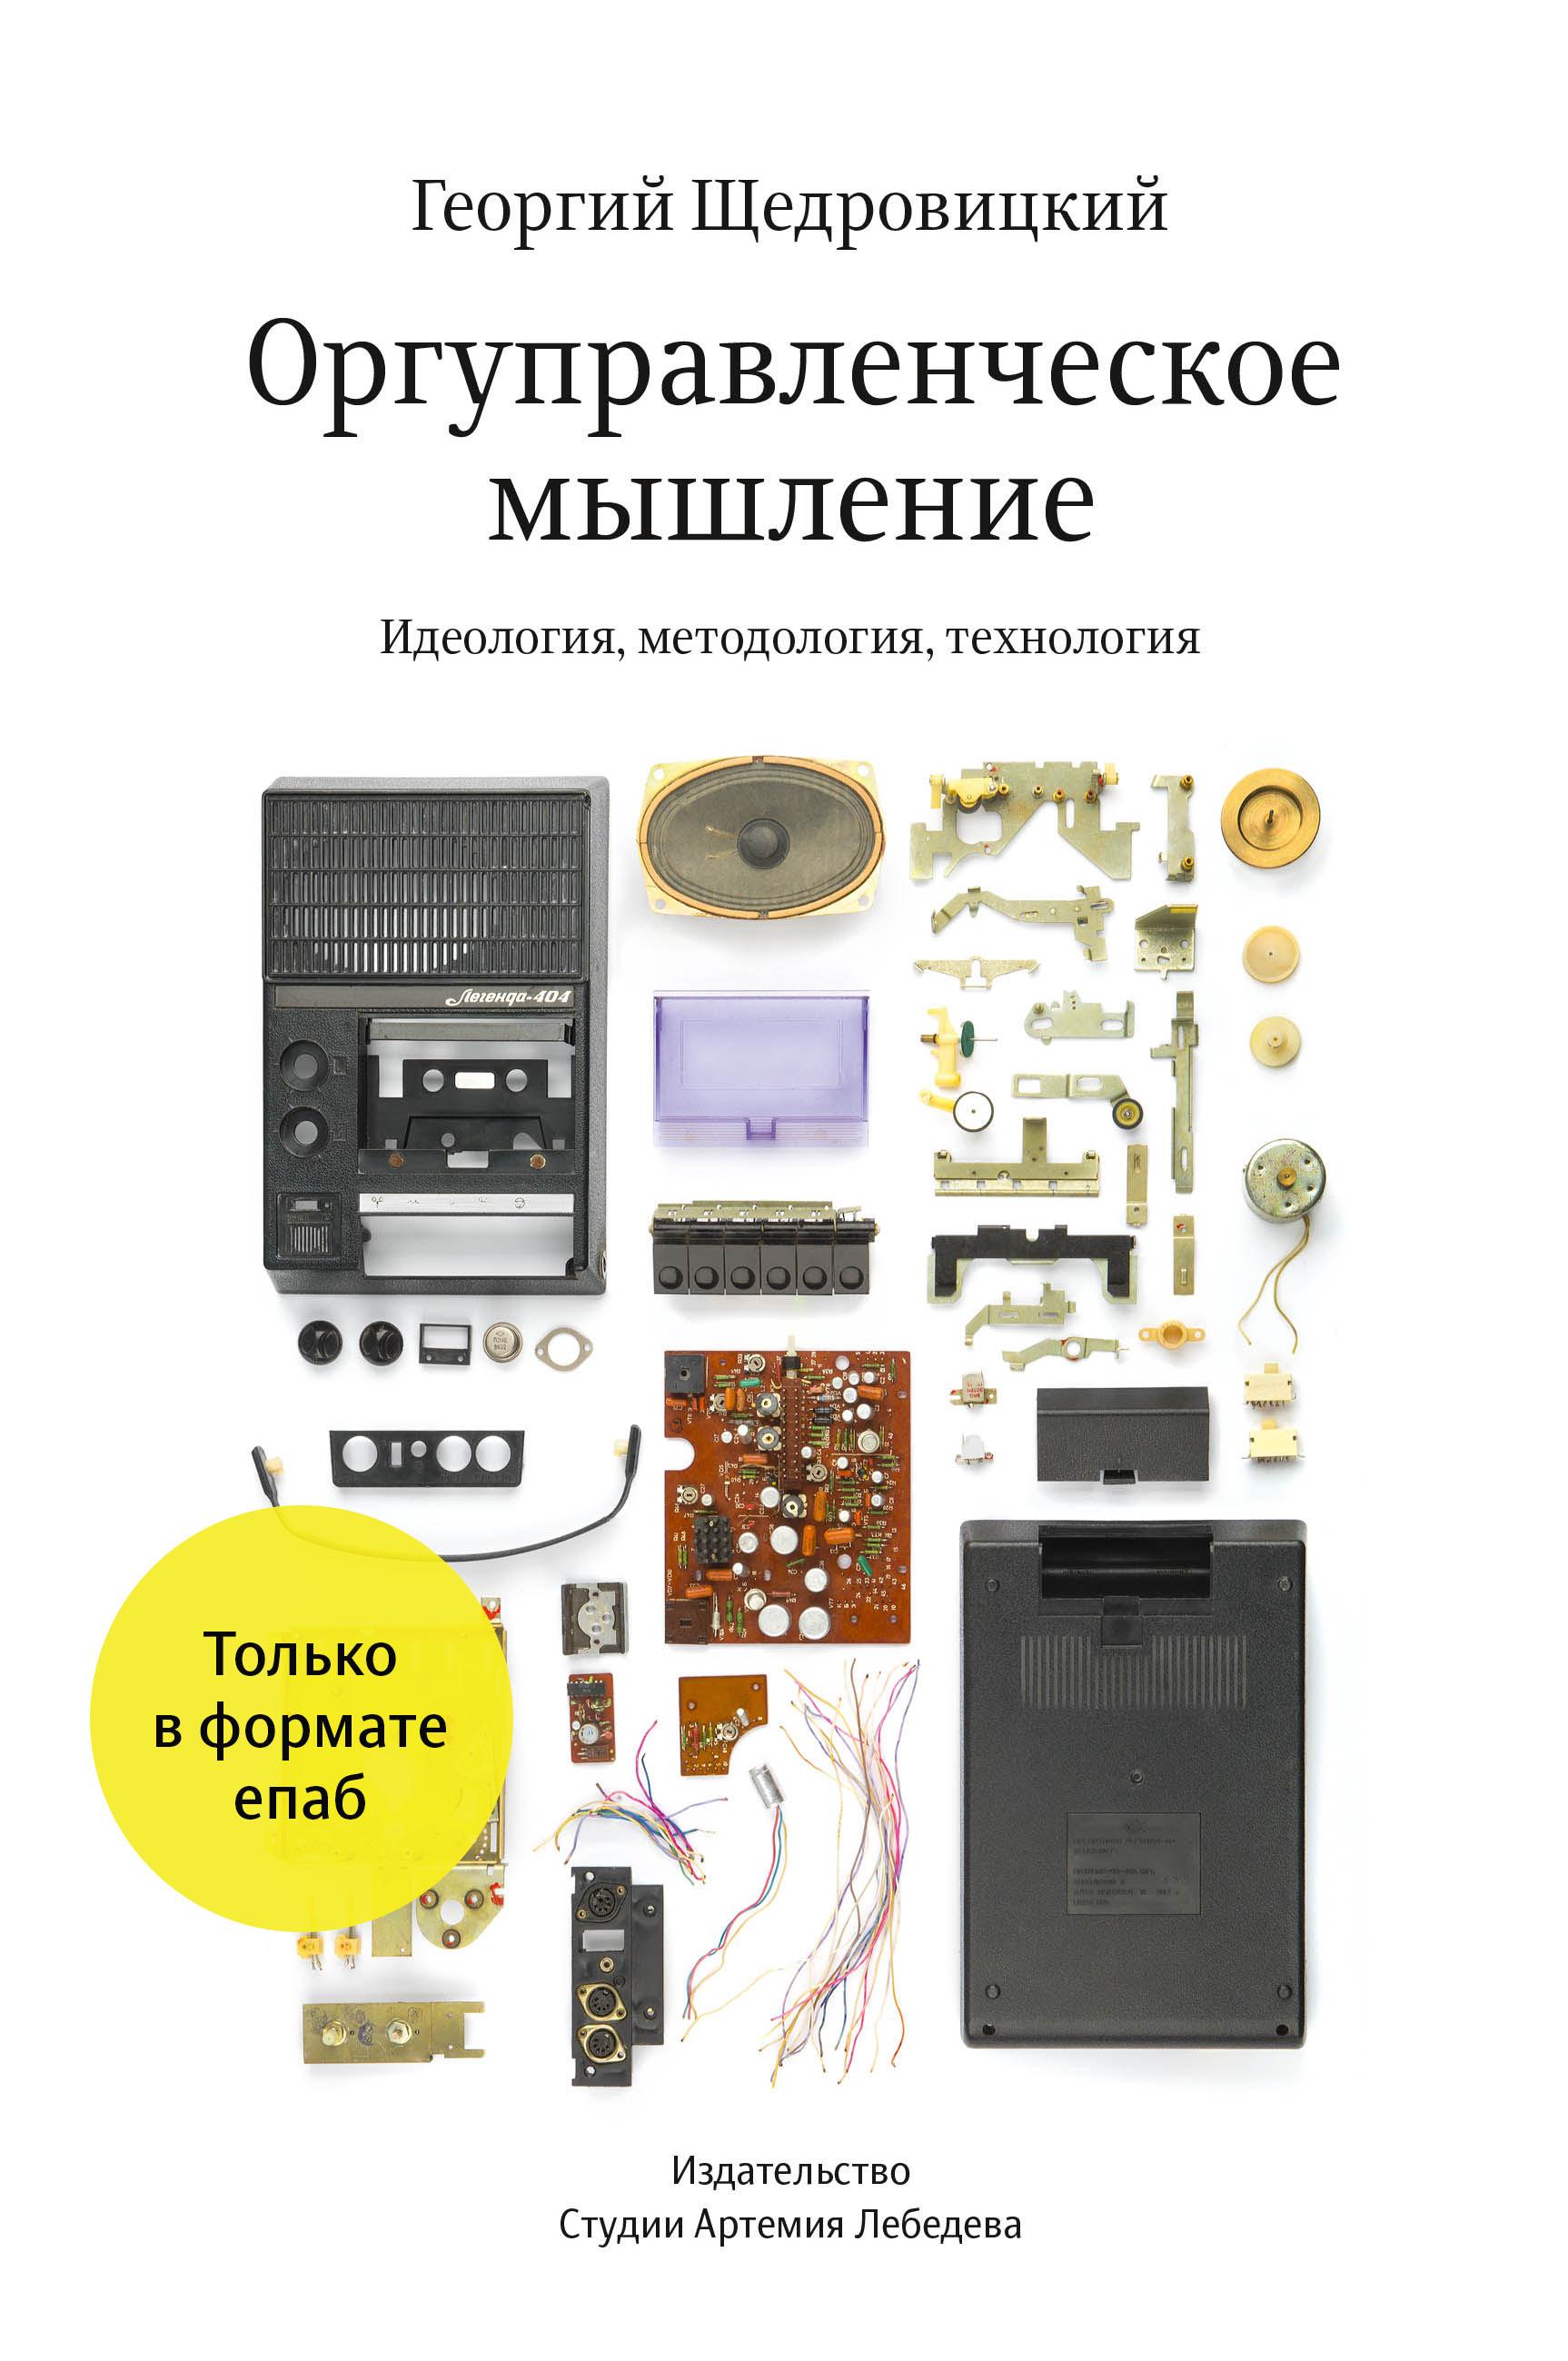 Георгий Щедровицкий Оргуправленческое мышление: идеология, методология, технология